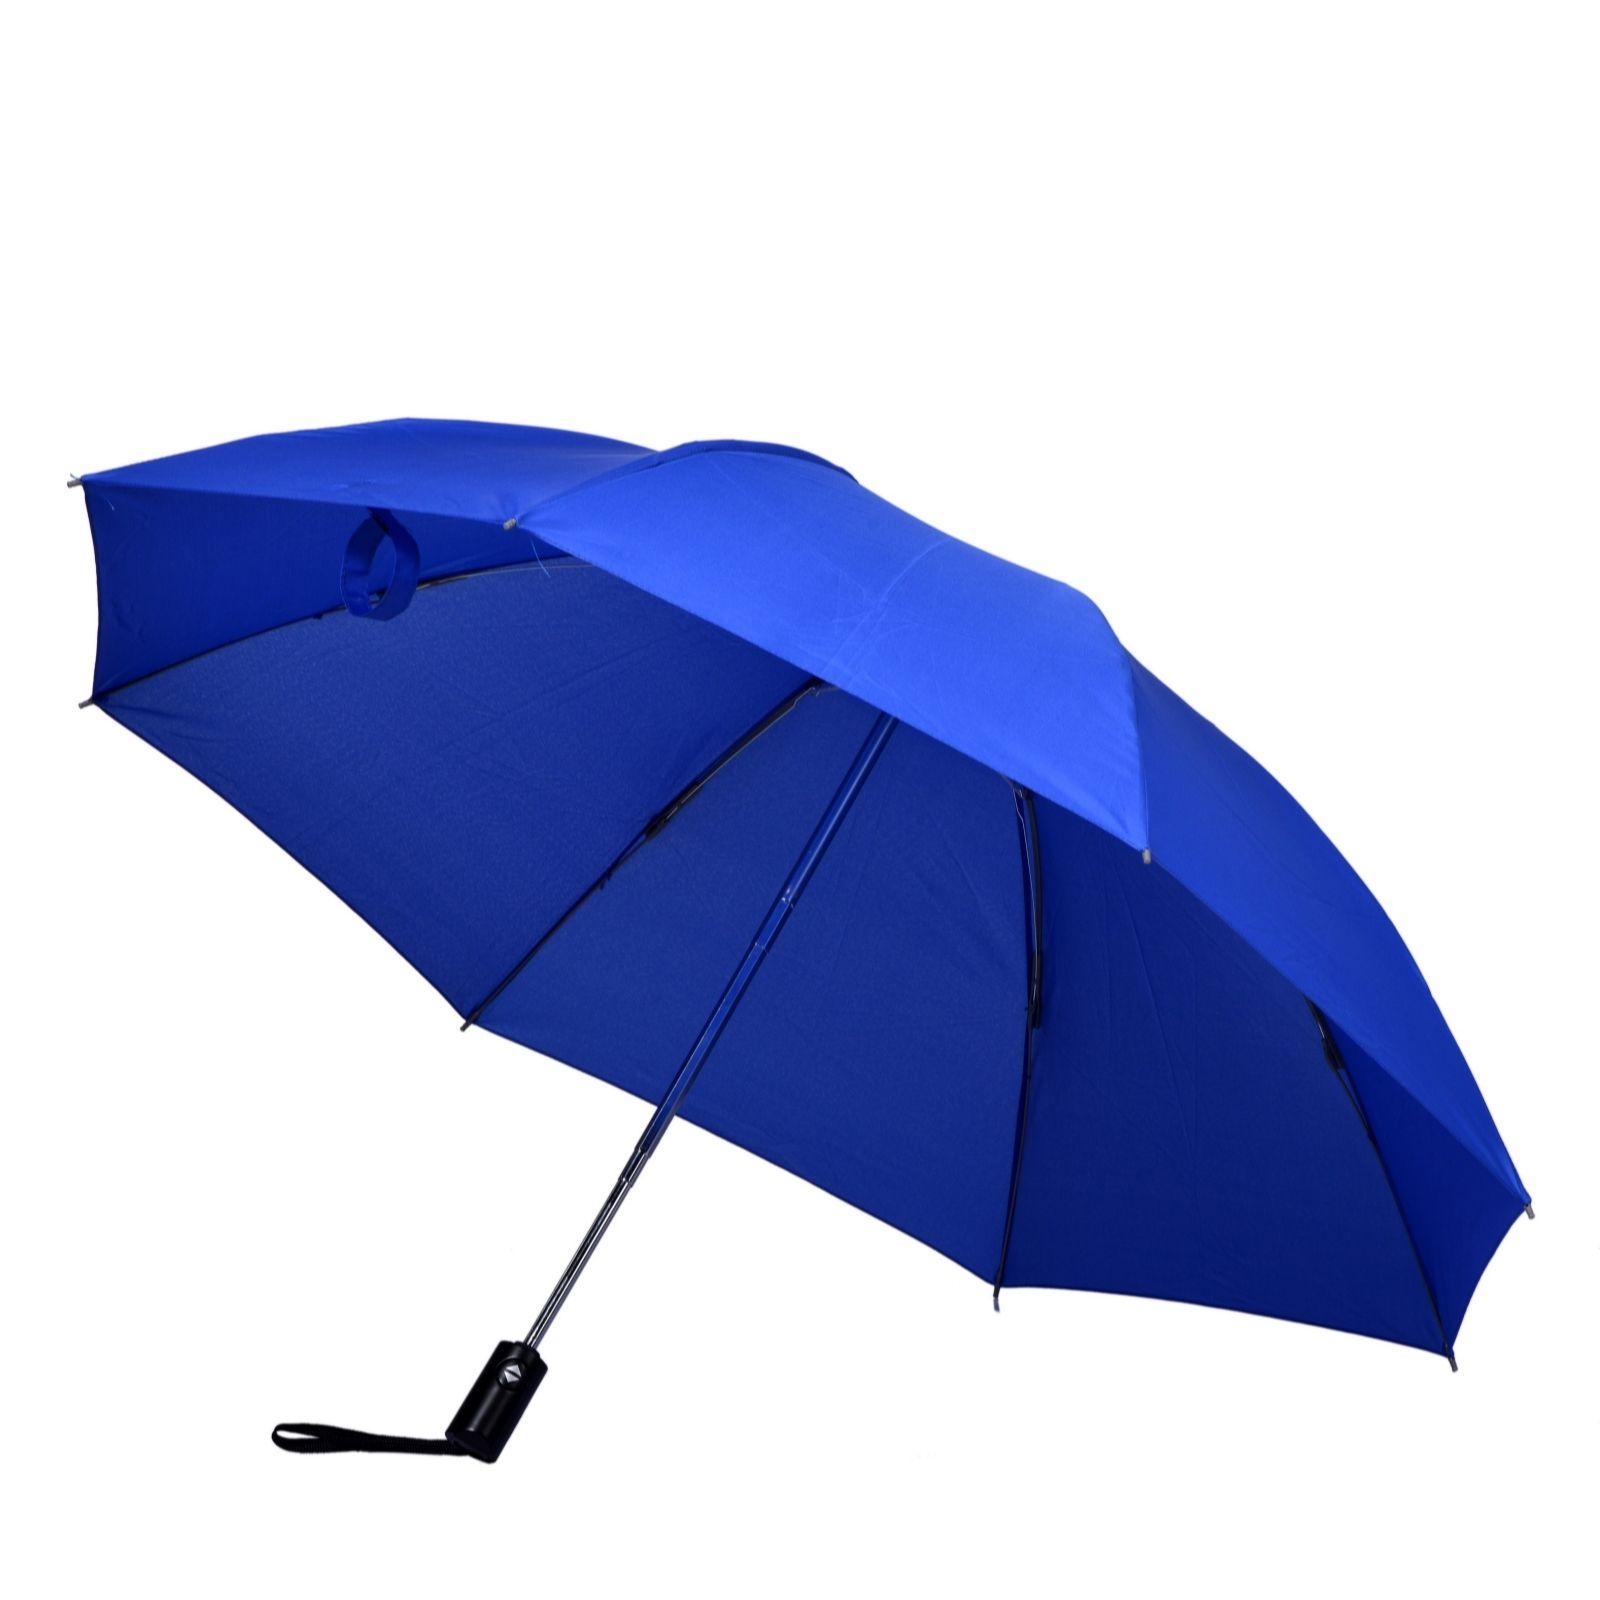 0a24d524e24f Incredibrella Inverted Umbrella - QVC UK